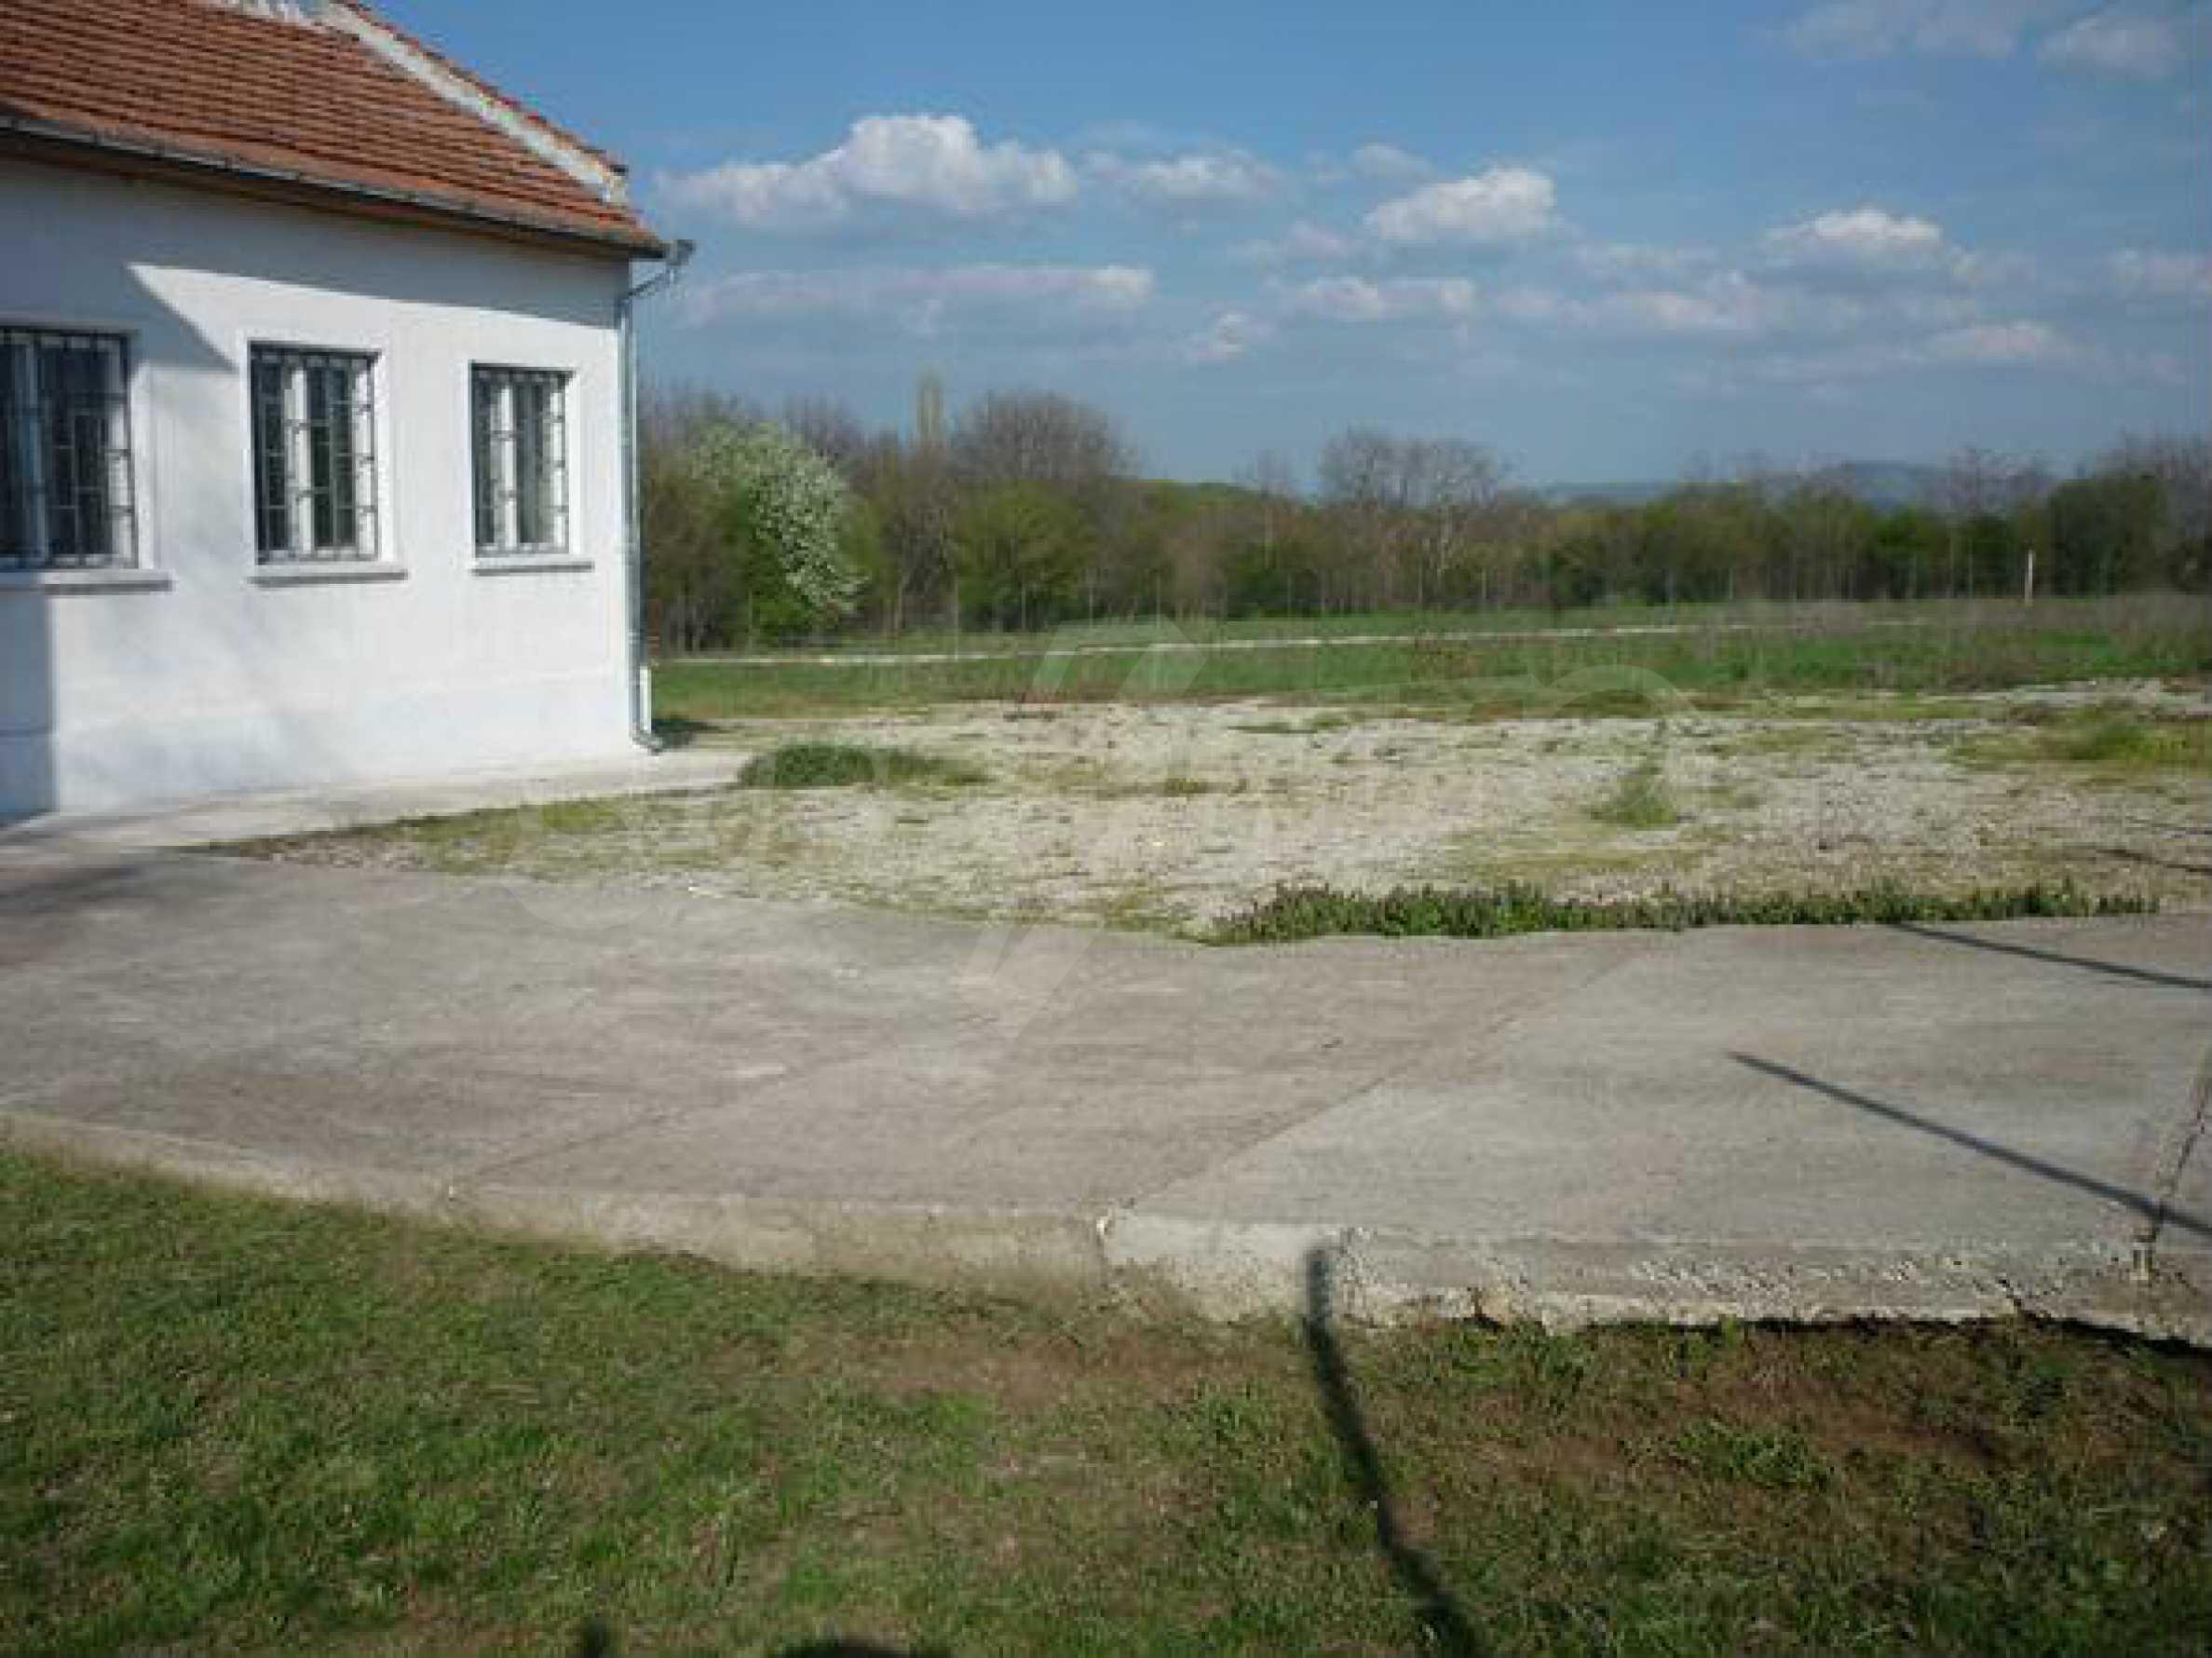 Industriegelände in einem Dorf 6 km von der Stadt Lovech entfernt 3